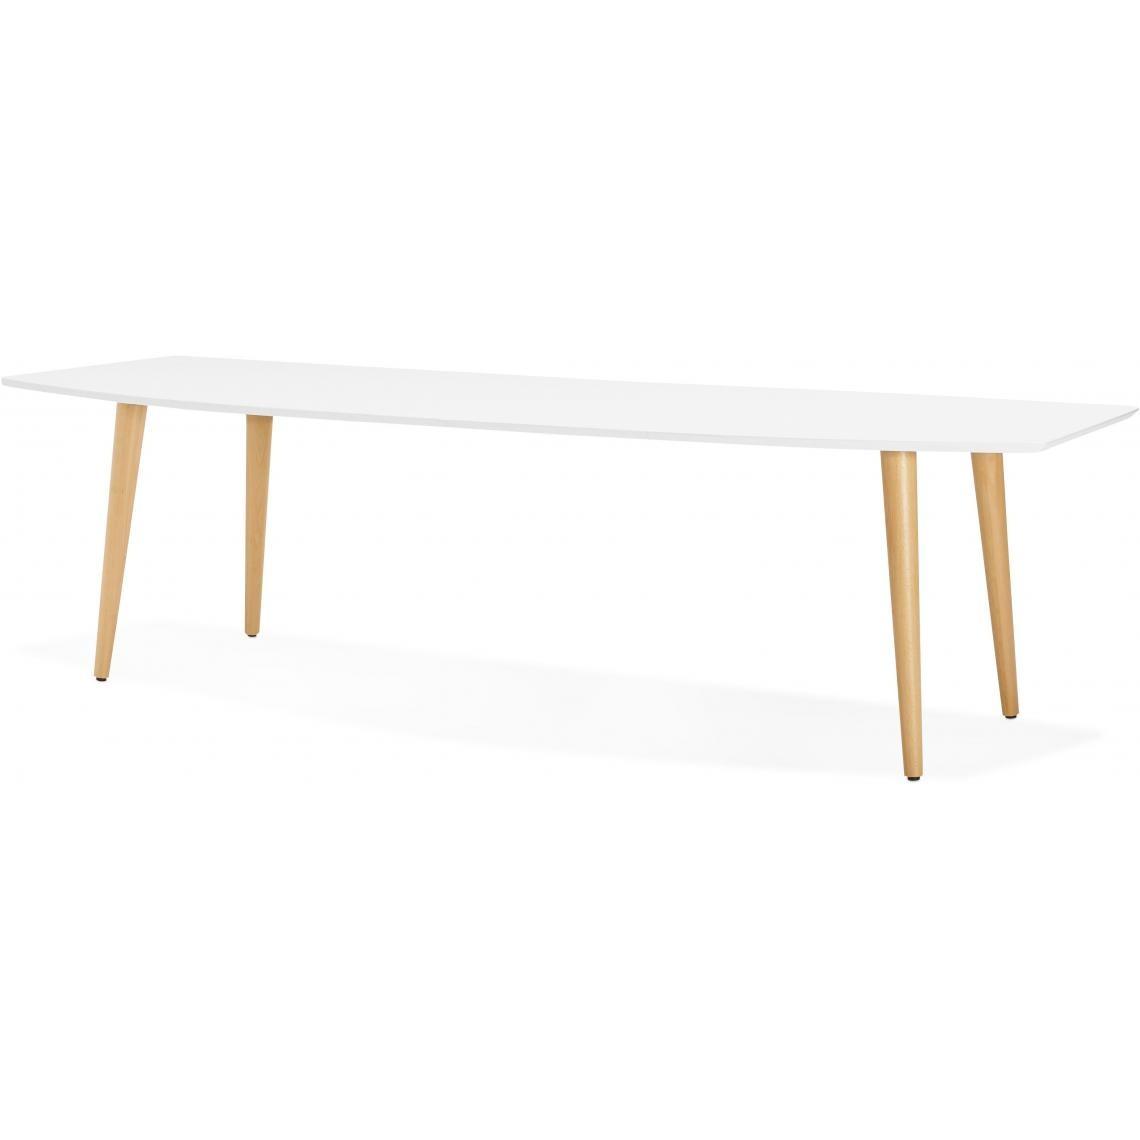 Table À Manger Nordique table à manger scandinave rectangulaire fashion   3 suisses